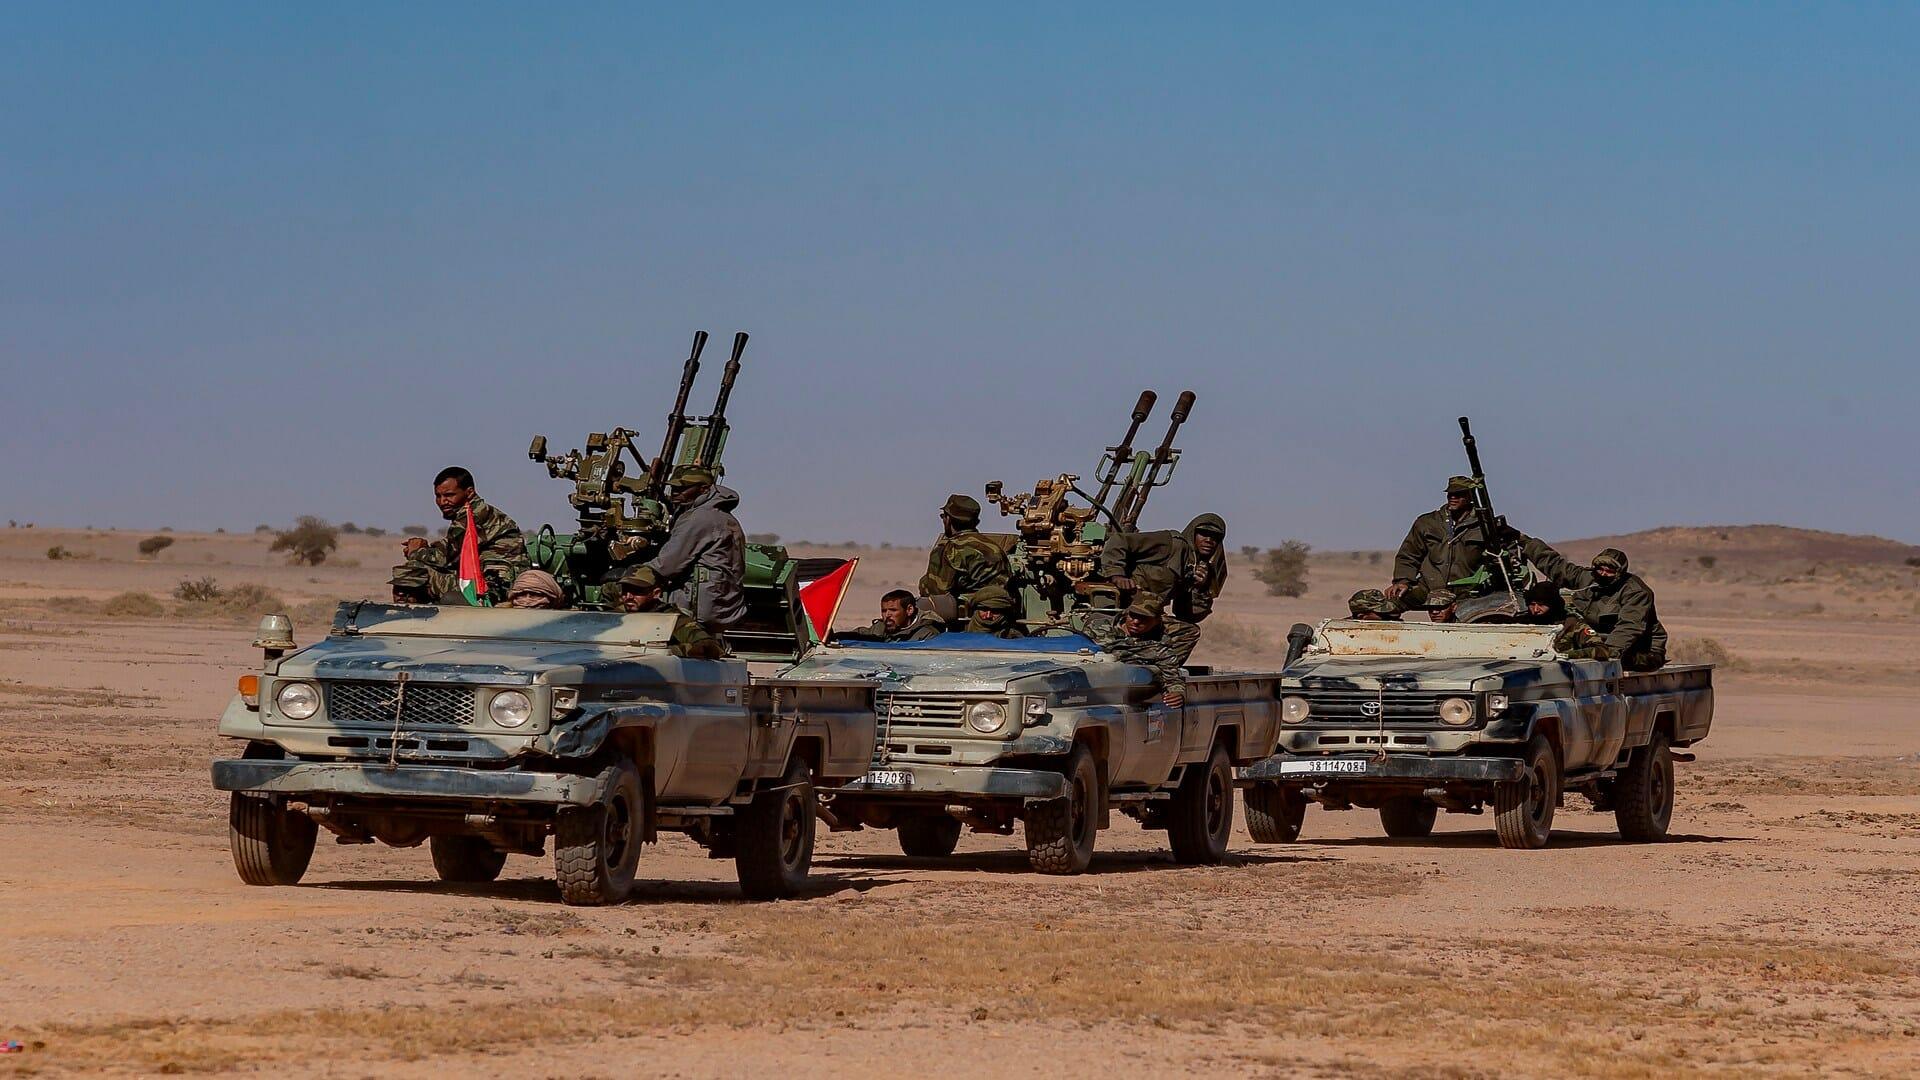 الحرب المغربية المغرب و البوليساريو